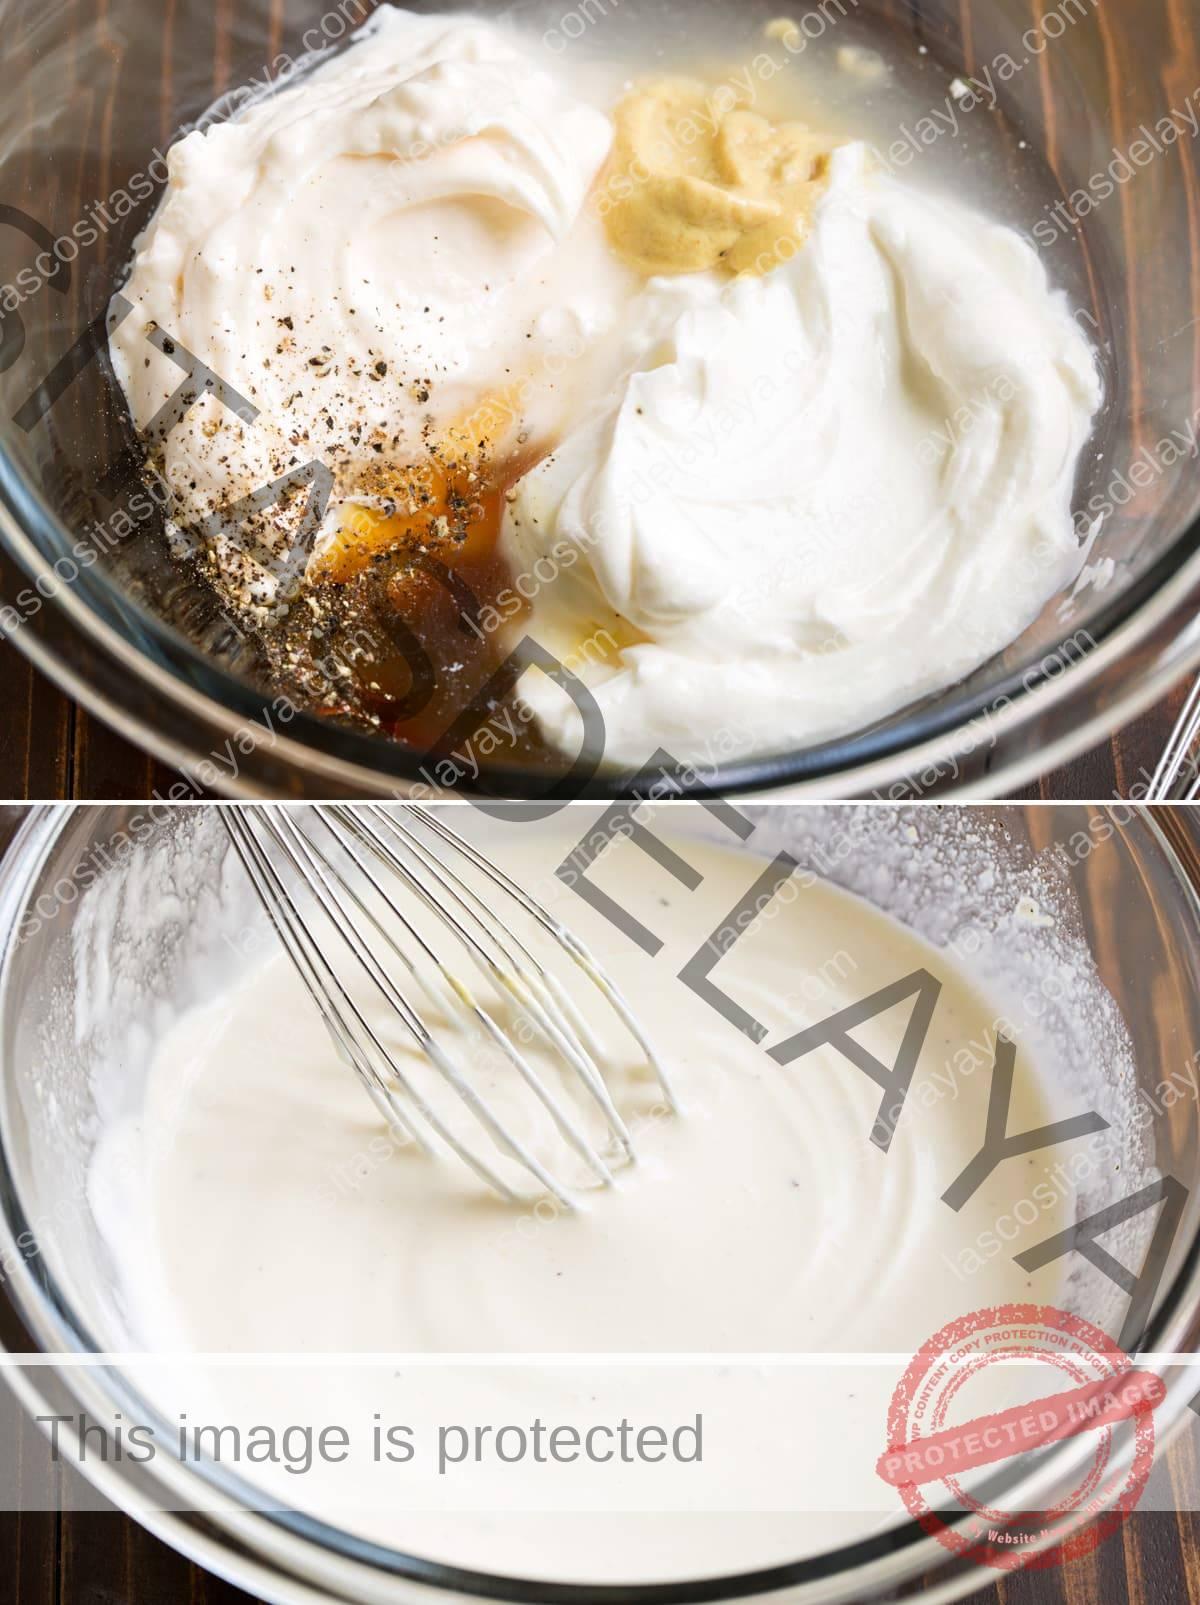 Imagen de collage de aderezo para ensalada de pasta en un recipiente que se muestra antes y después de mezclar.